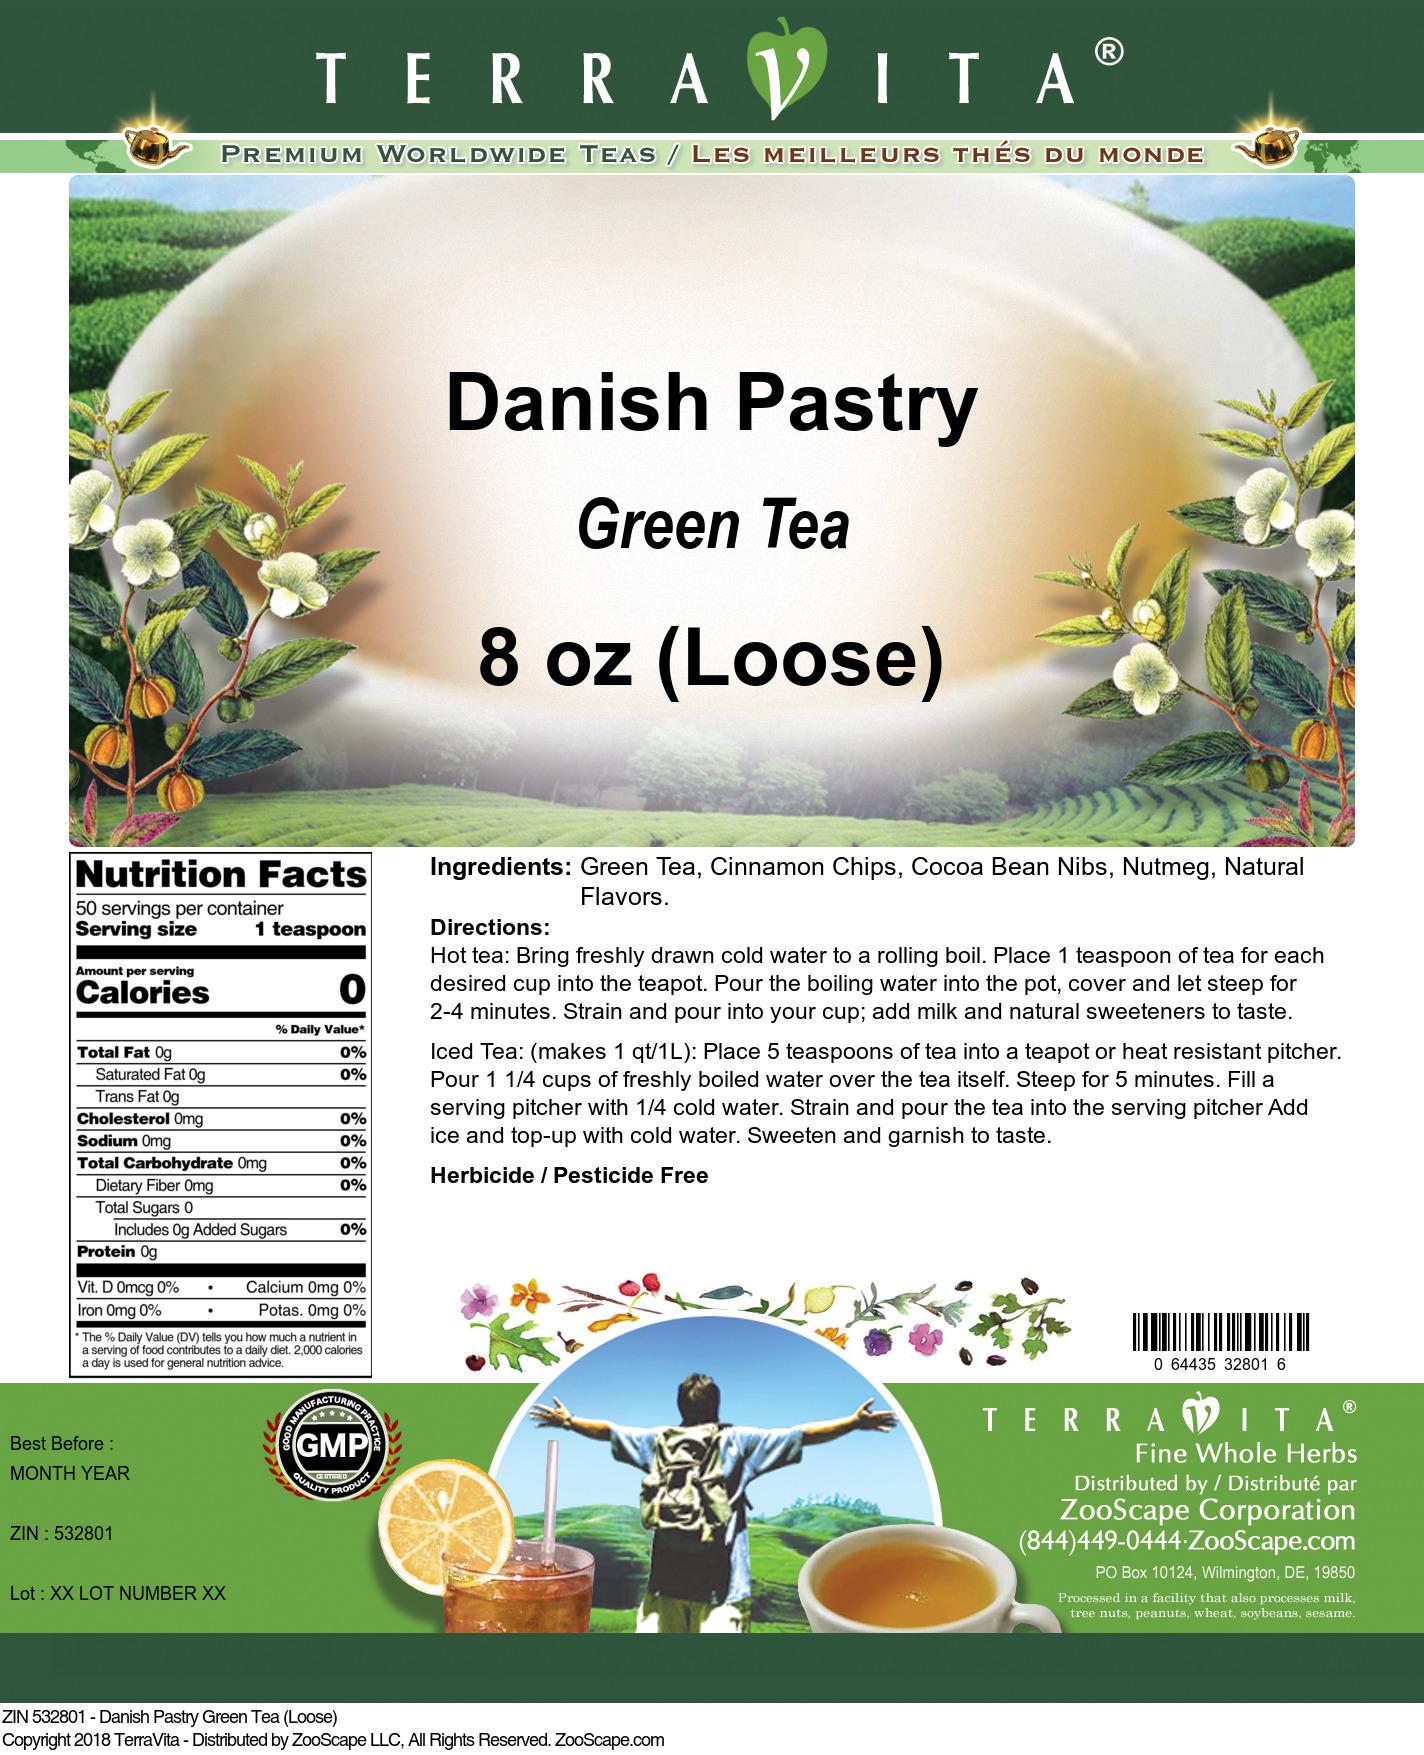 Danish Pastry Green Tea (Loose)